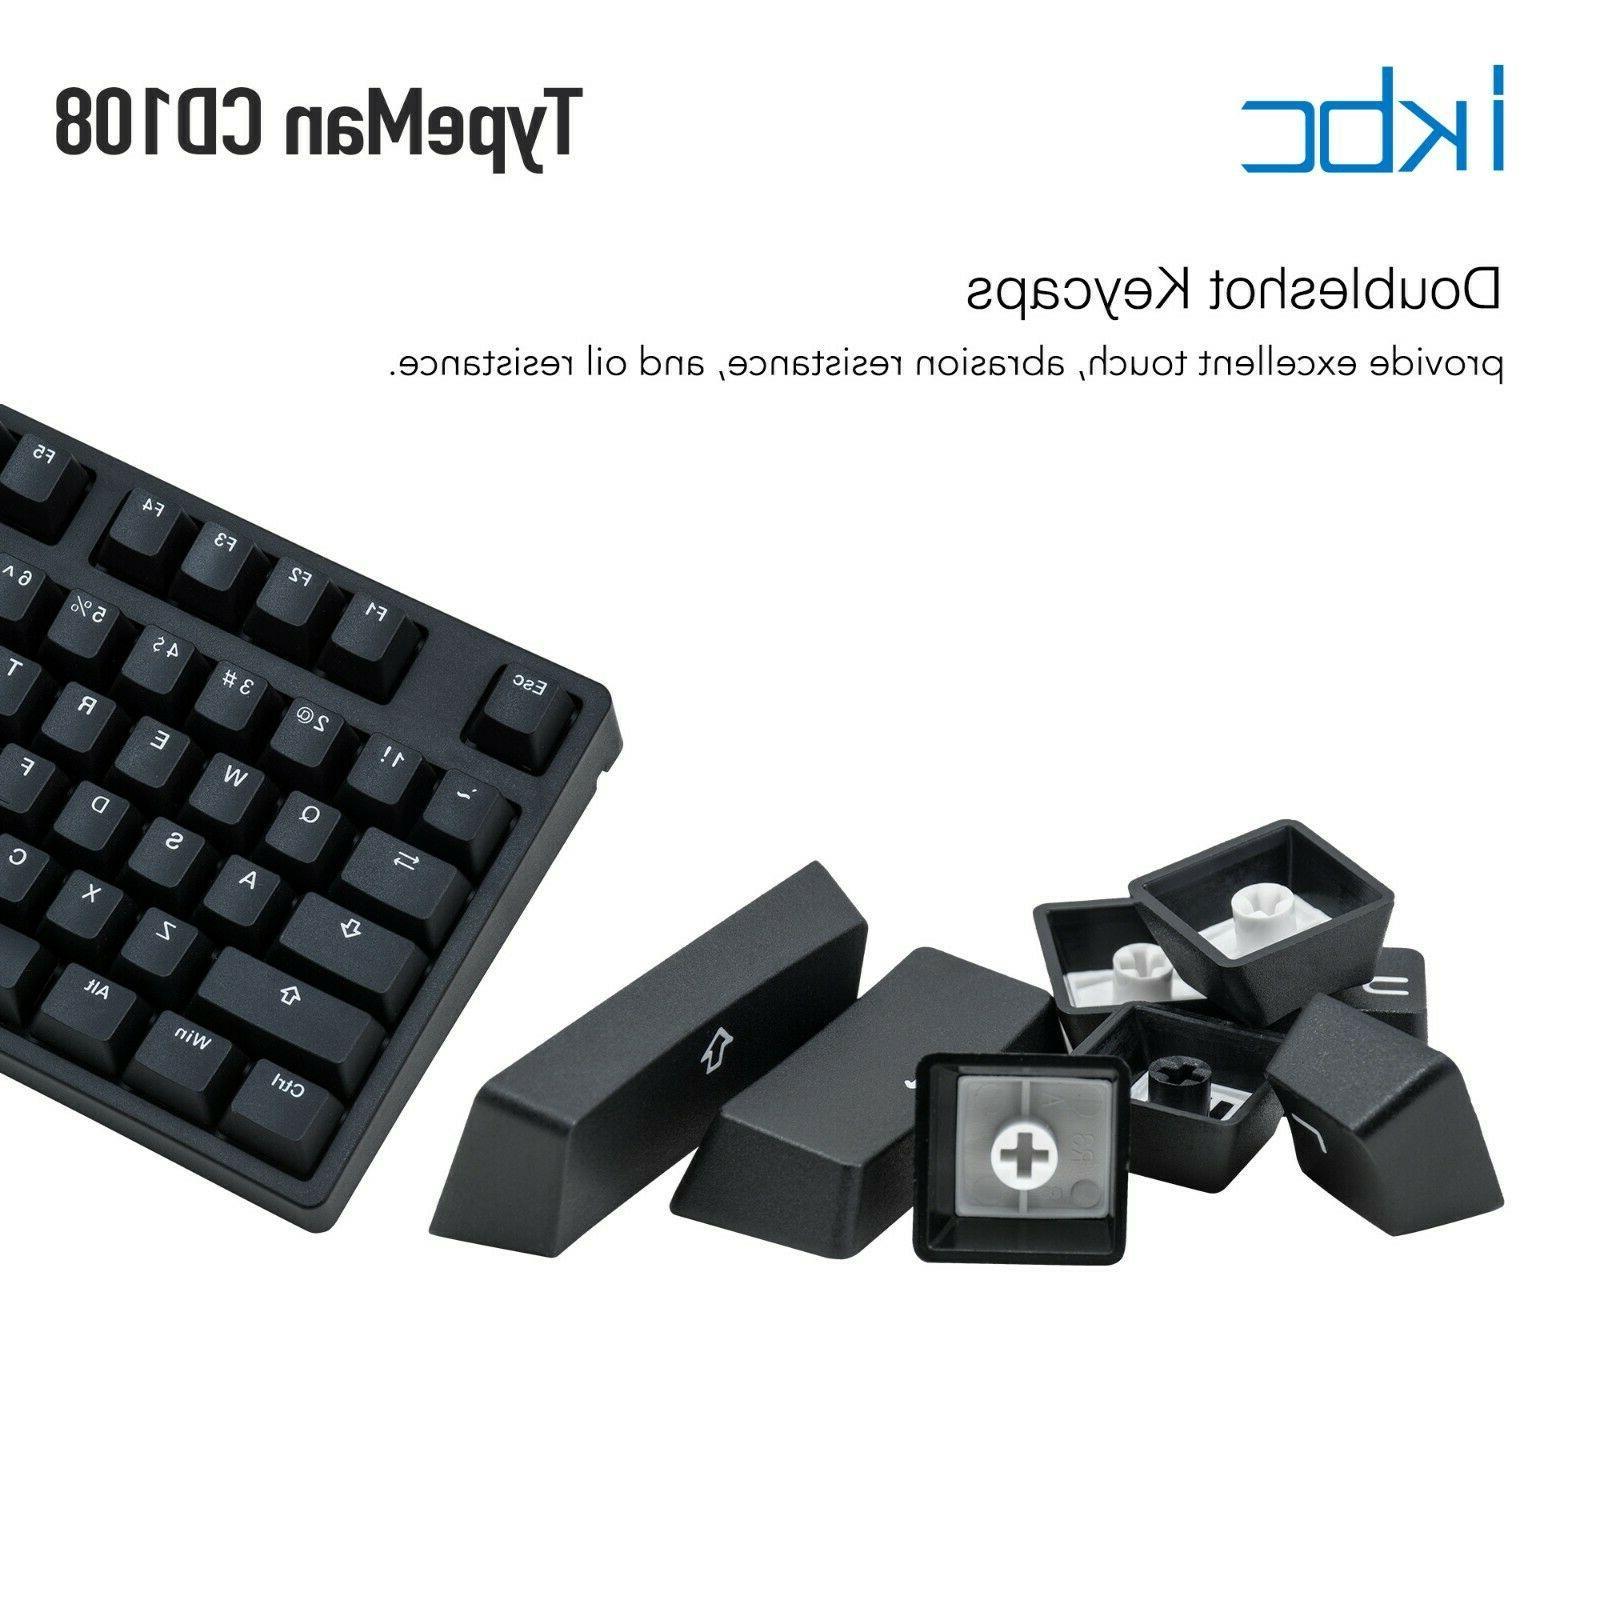 iKBC Ergonomic MX 108-Key,